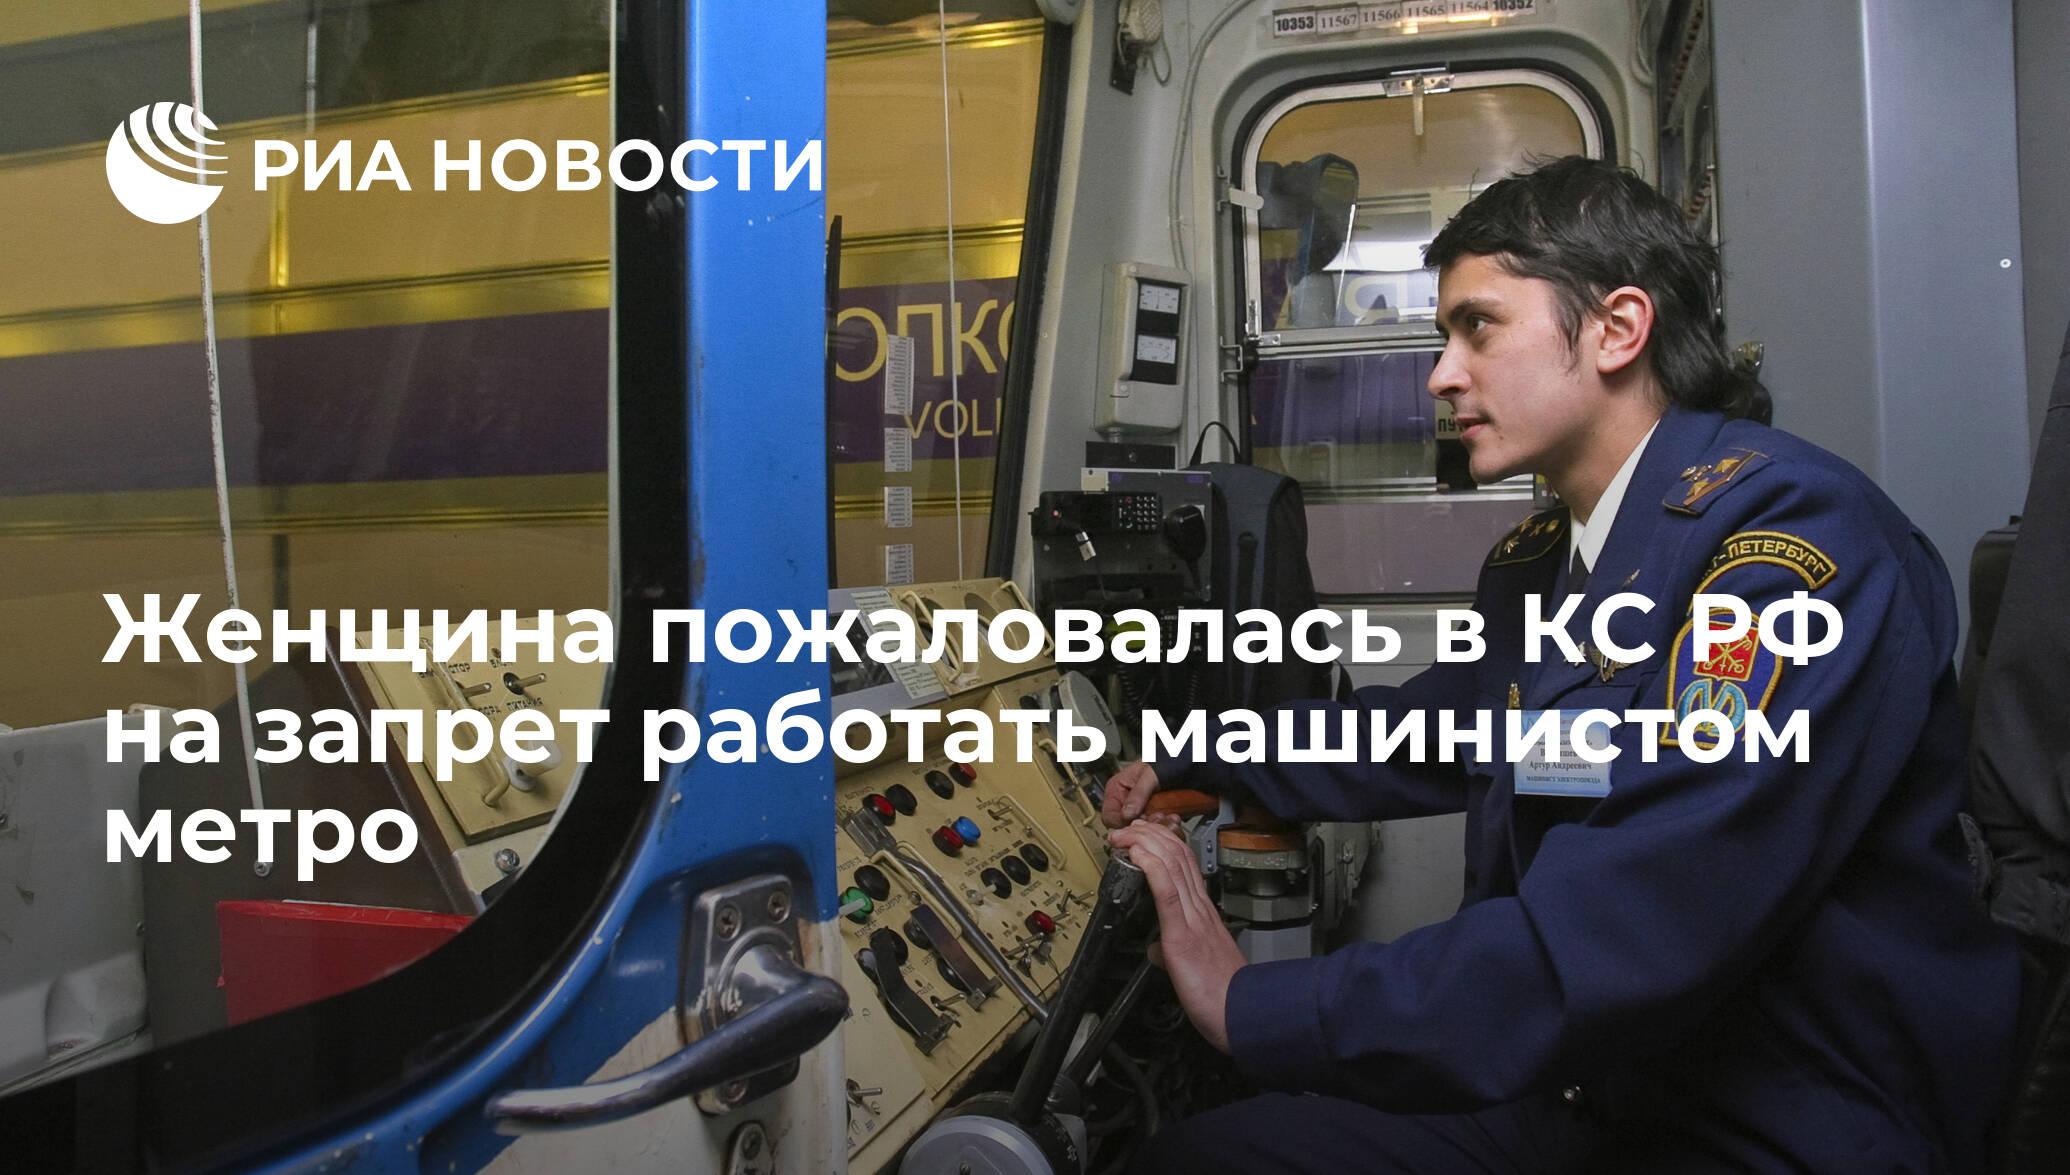 Картинка штампов машинистов метро